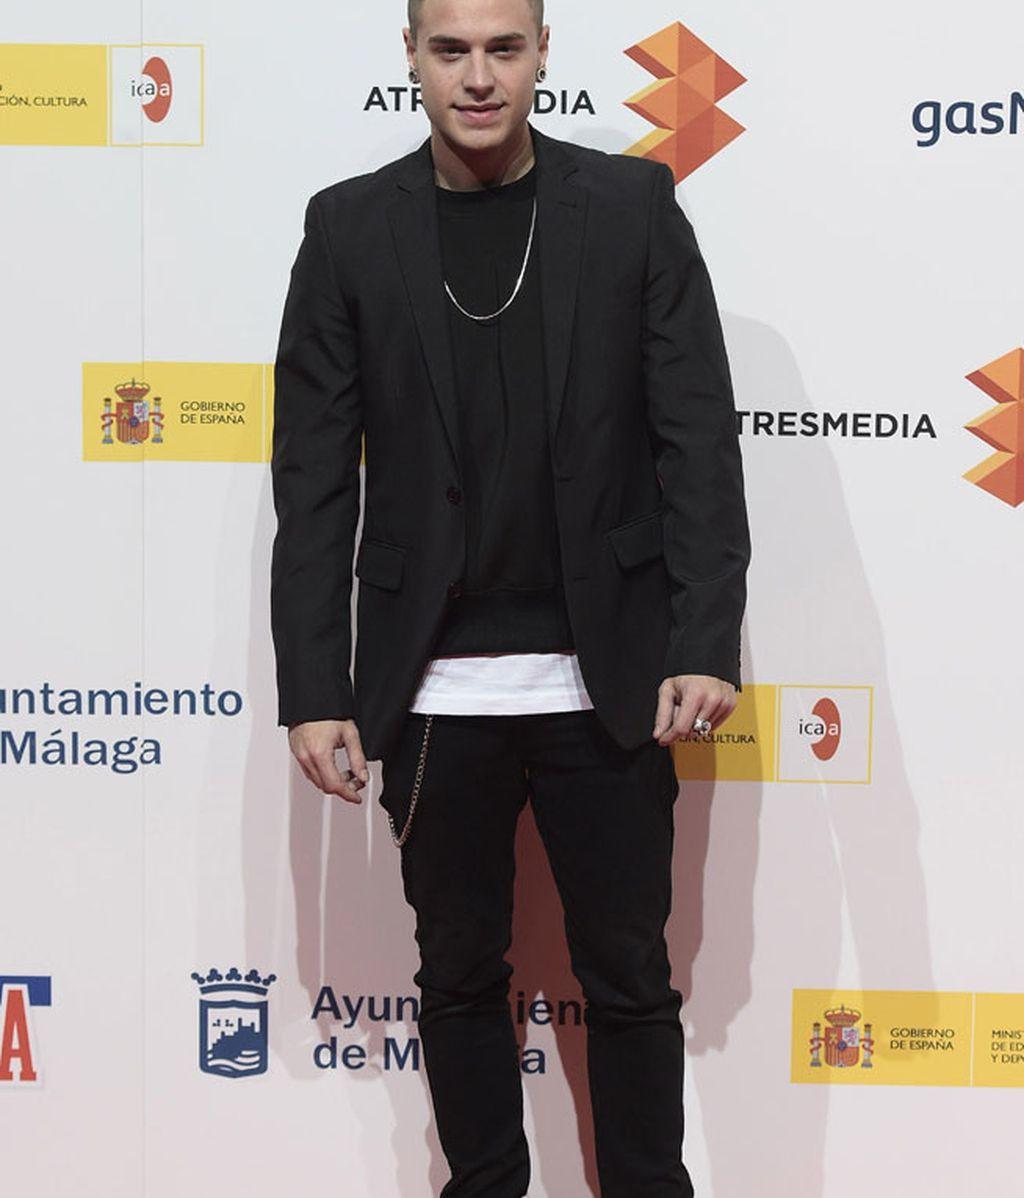 El actor de 'El Chiriniguito de Pepe', Adrián Rodríguez